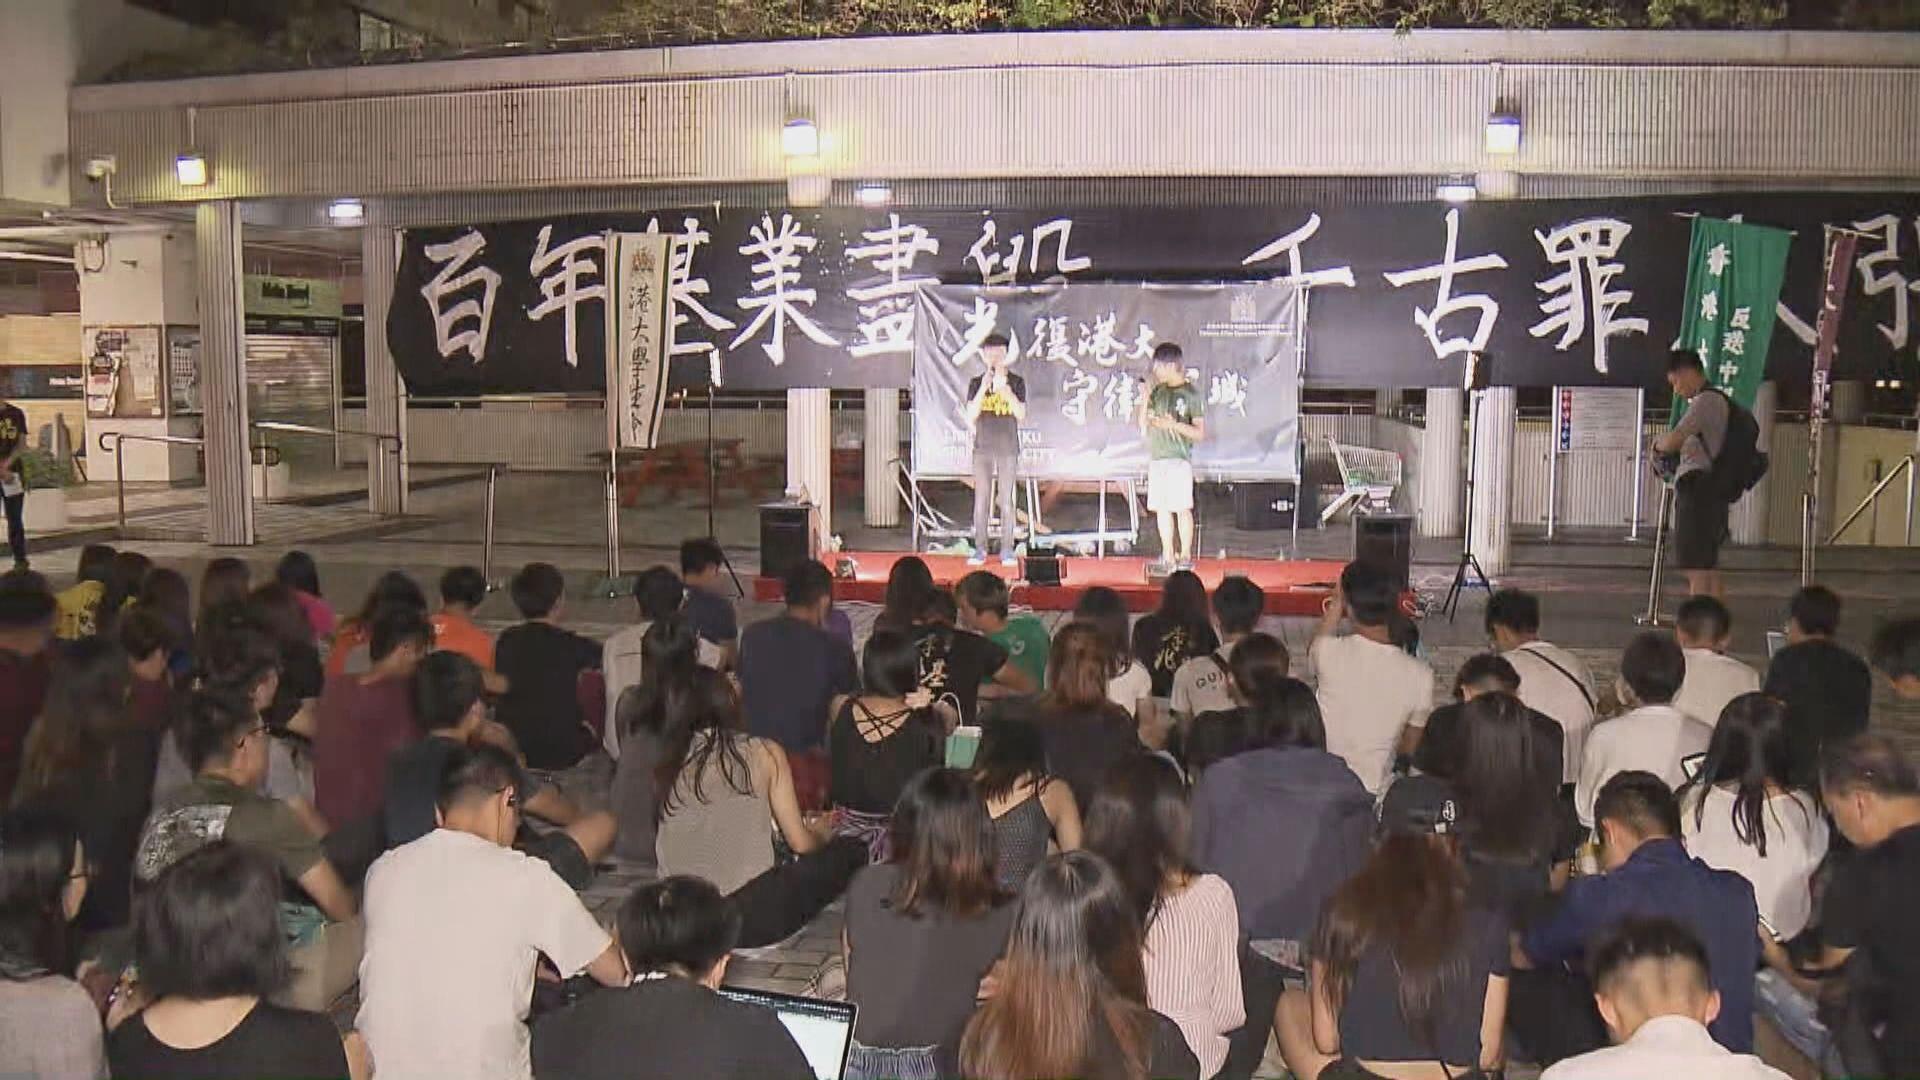 數百名港大生集會要求校長收回聲明